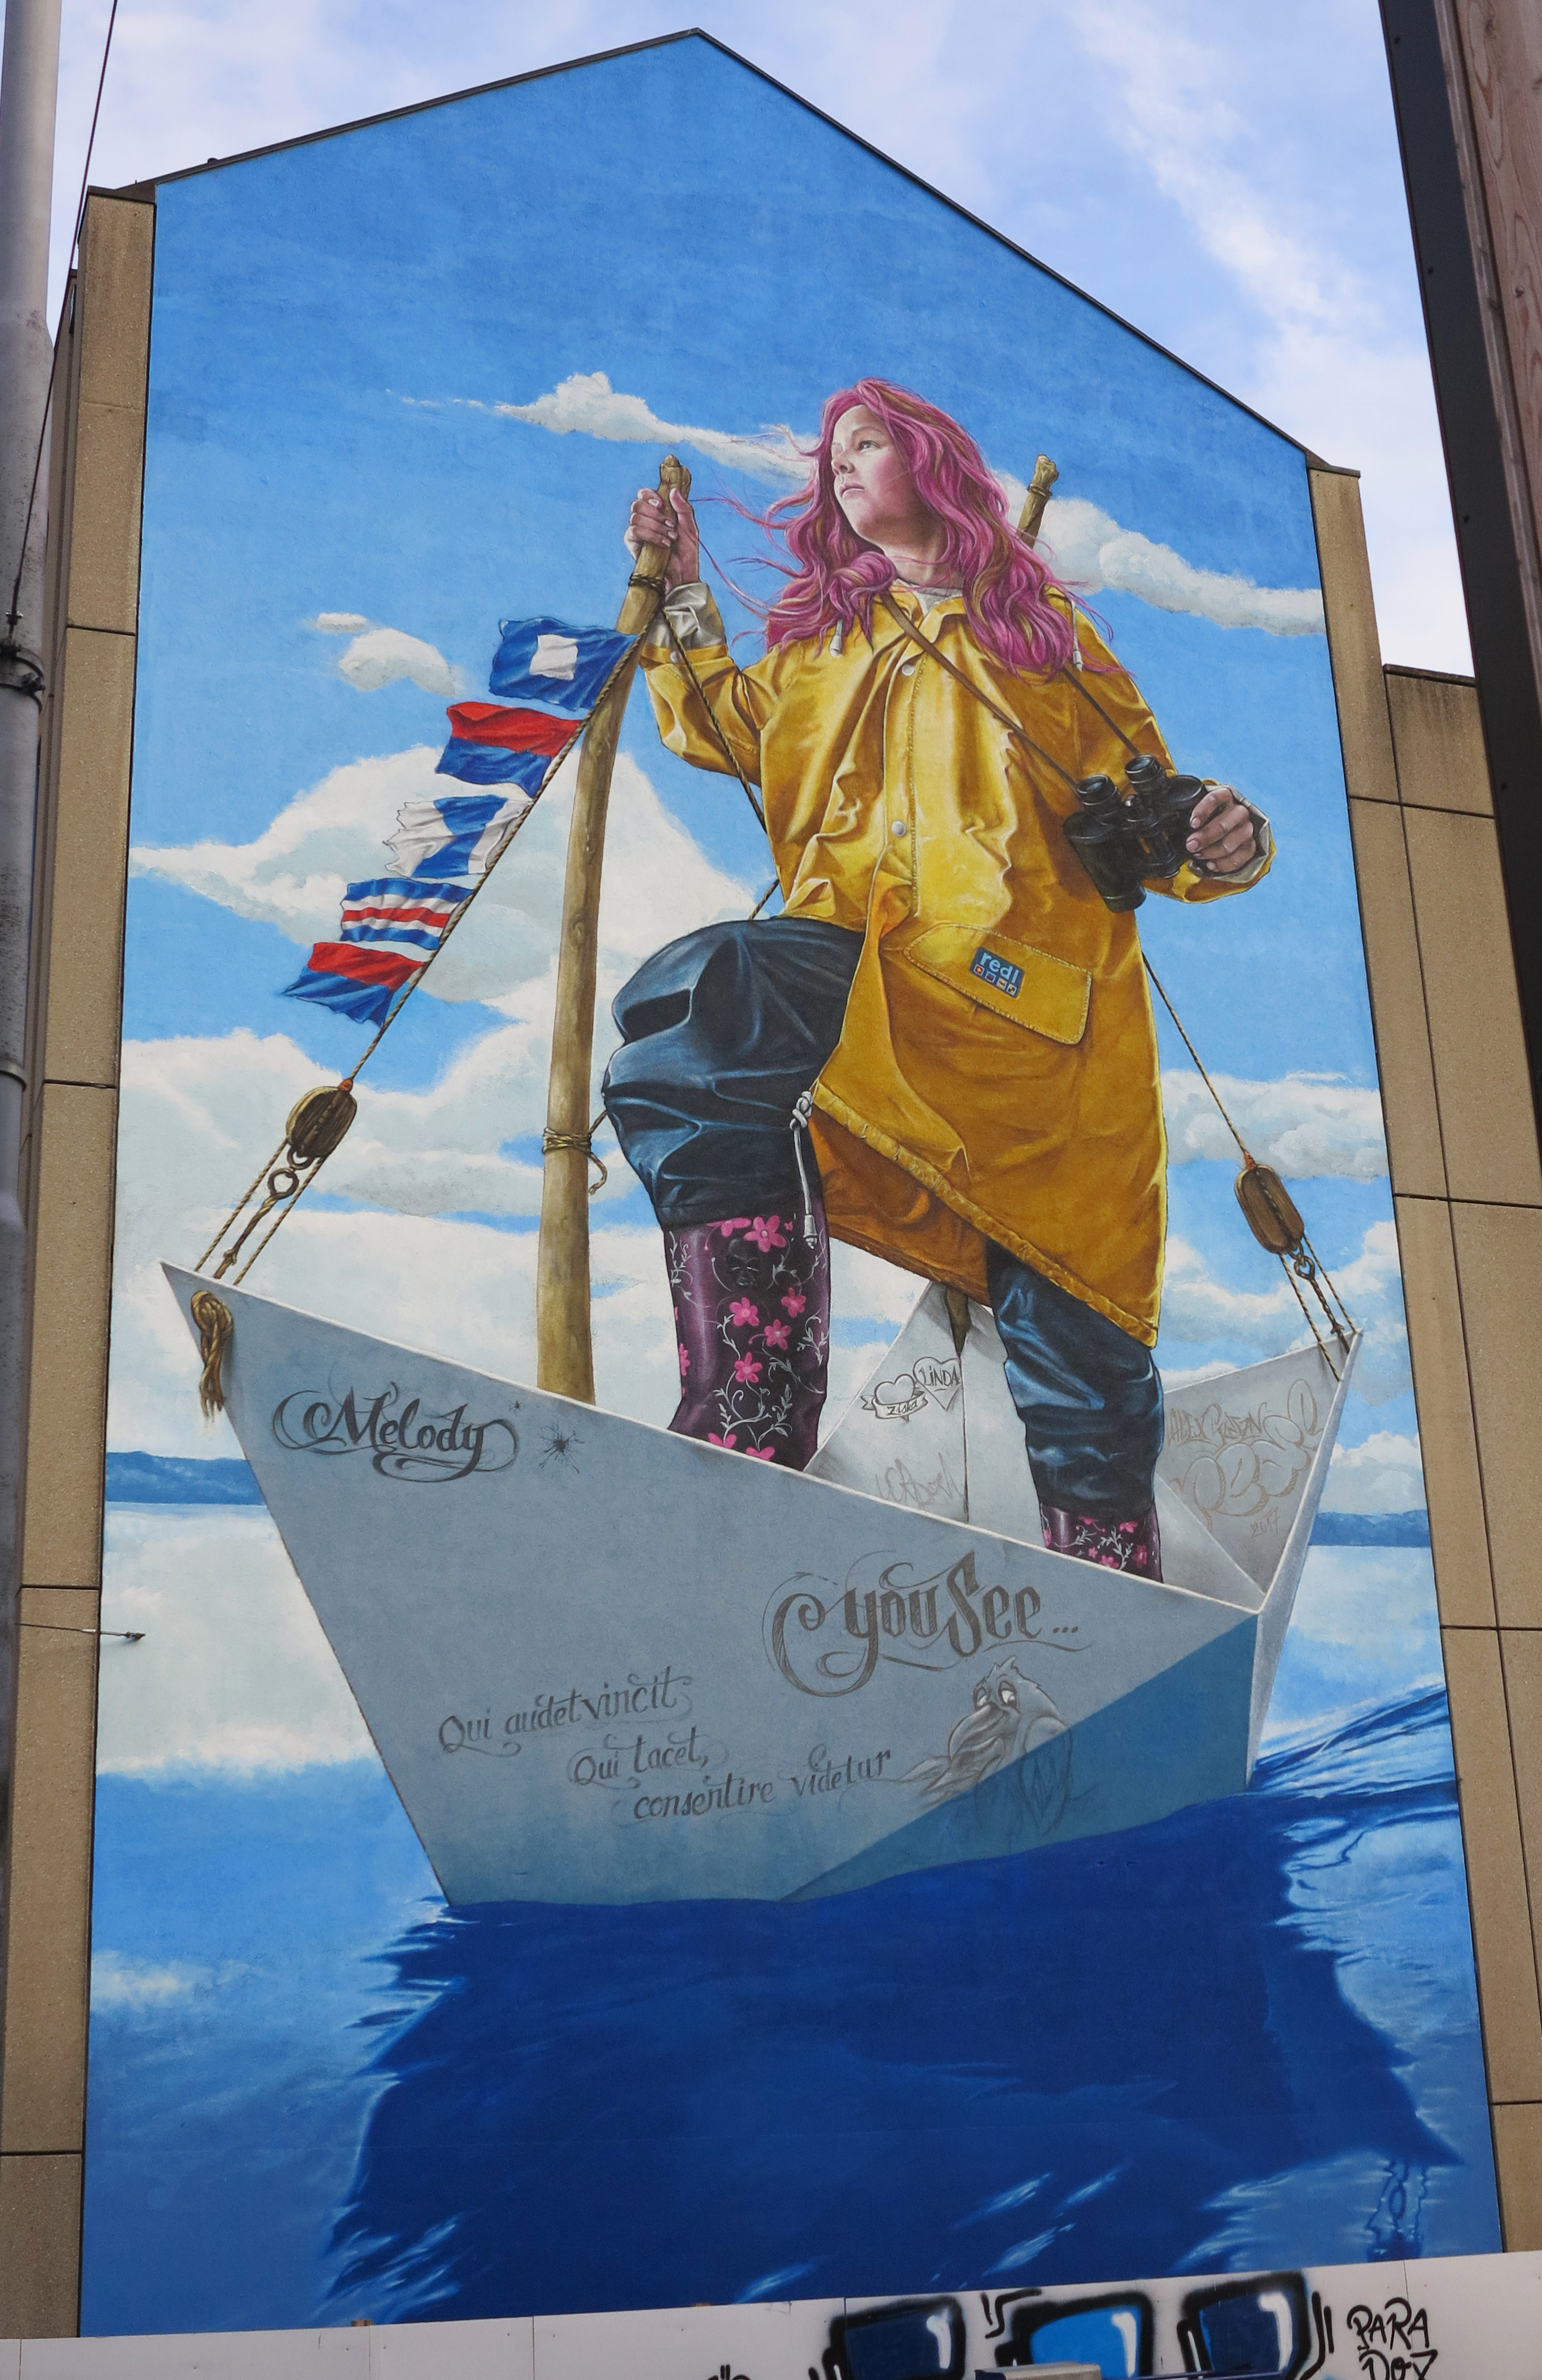 Melody by REDL in Zurich, Switzerland Artes & contextos Melody Bild Total Redl